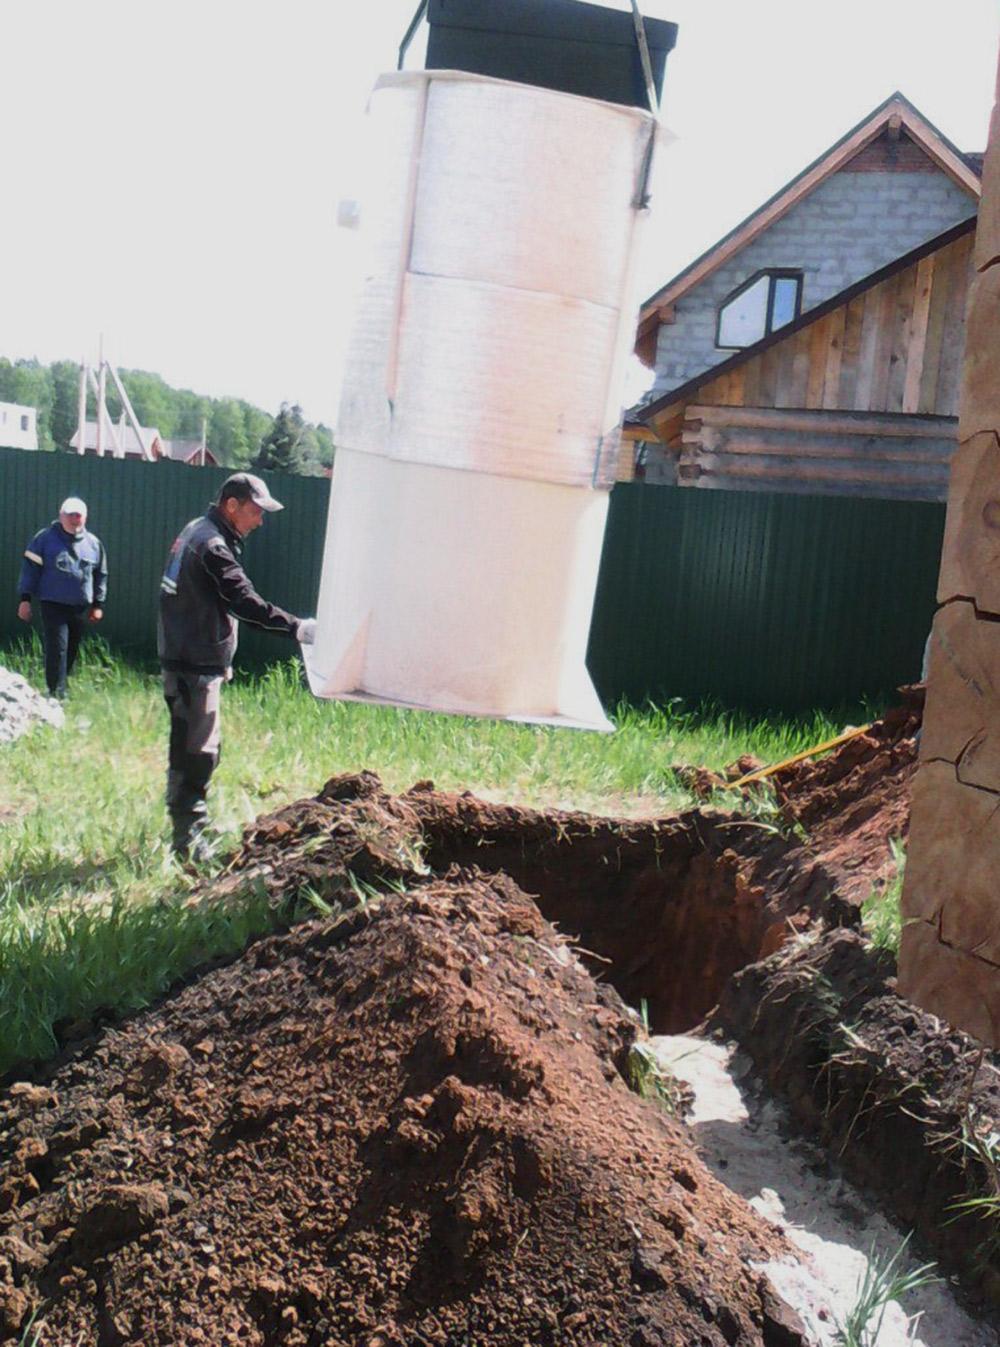 Если бы не ответственное хранение, эта канализация 3,5 месяца загромождала бы мой участок